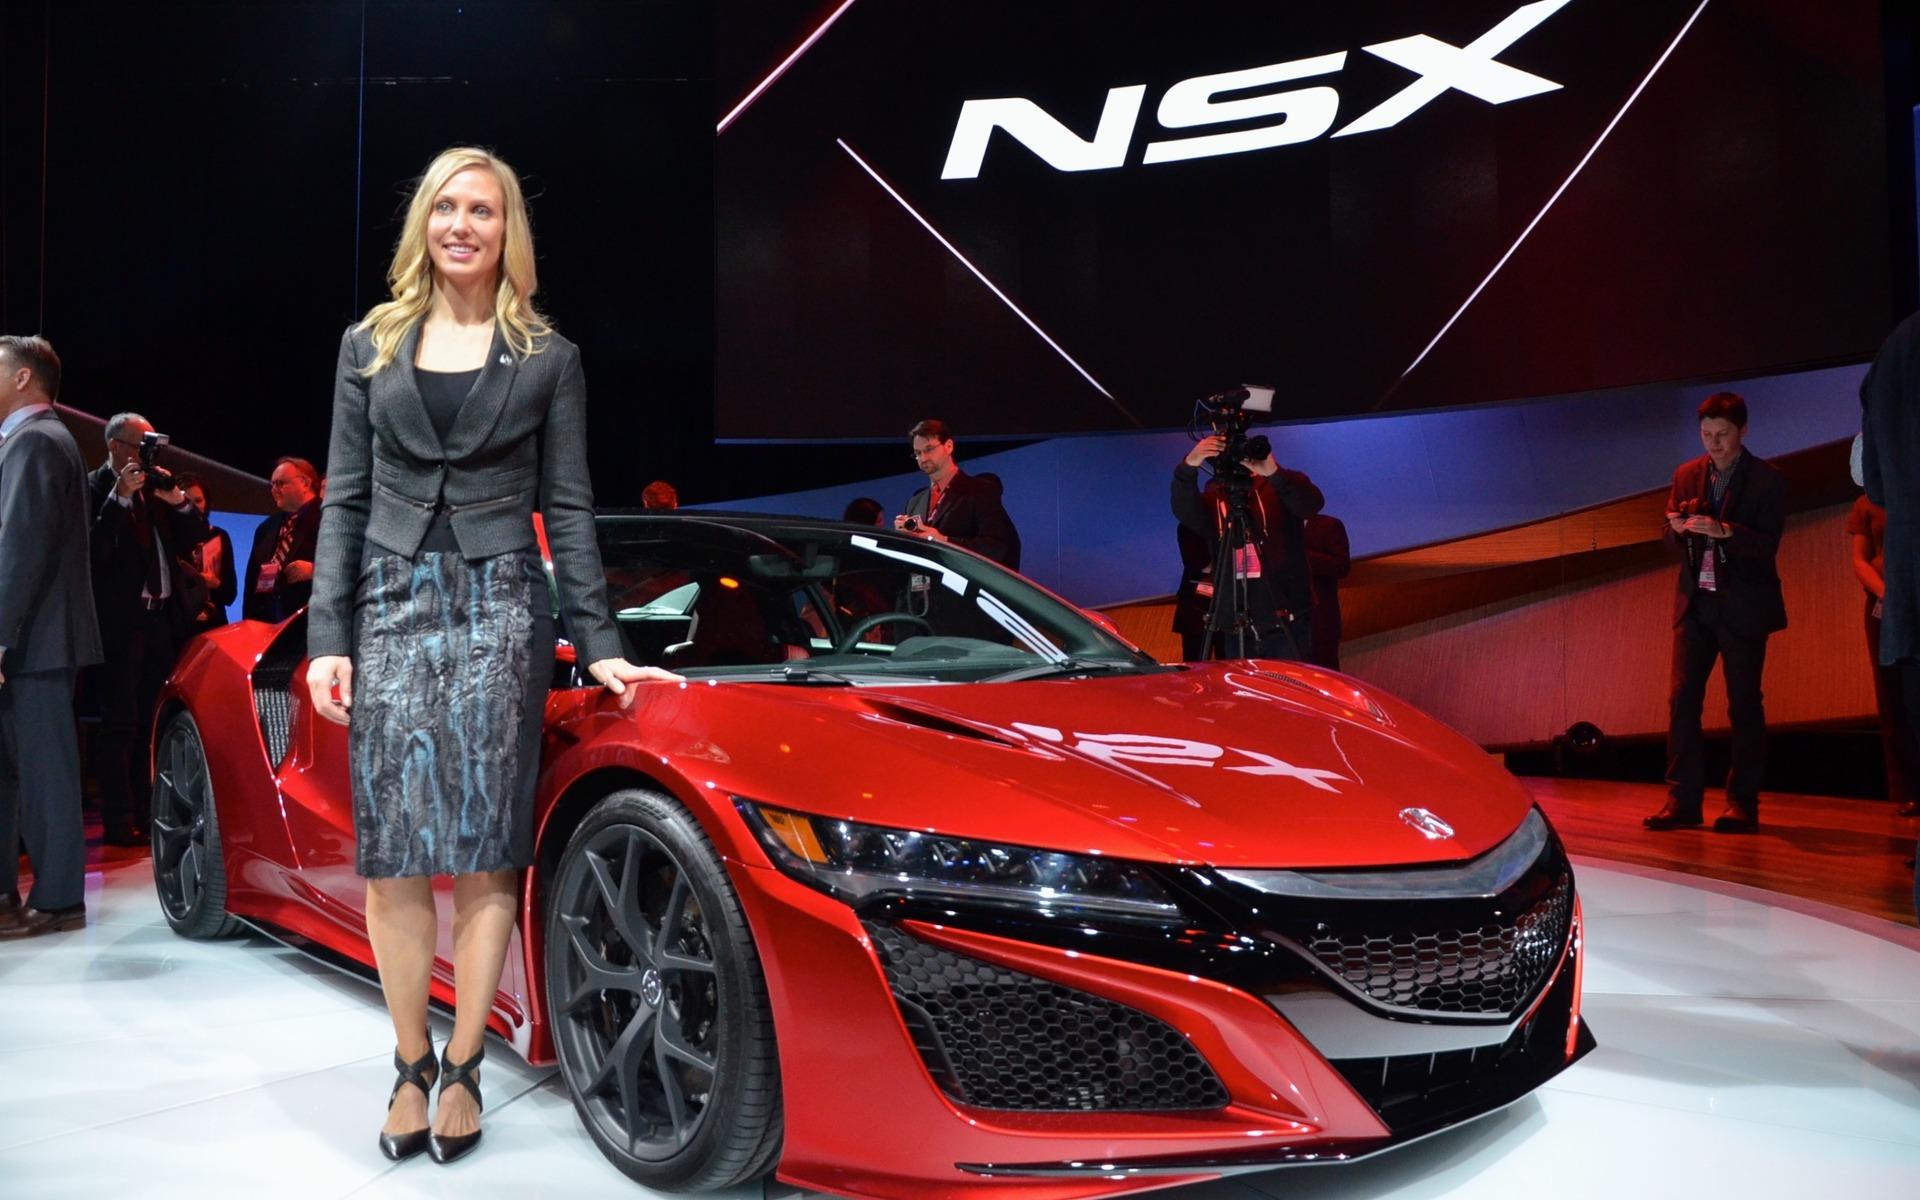 ¿Y por qué no? Las mujeres también diseñan super deportivos - Puro Motor